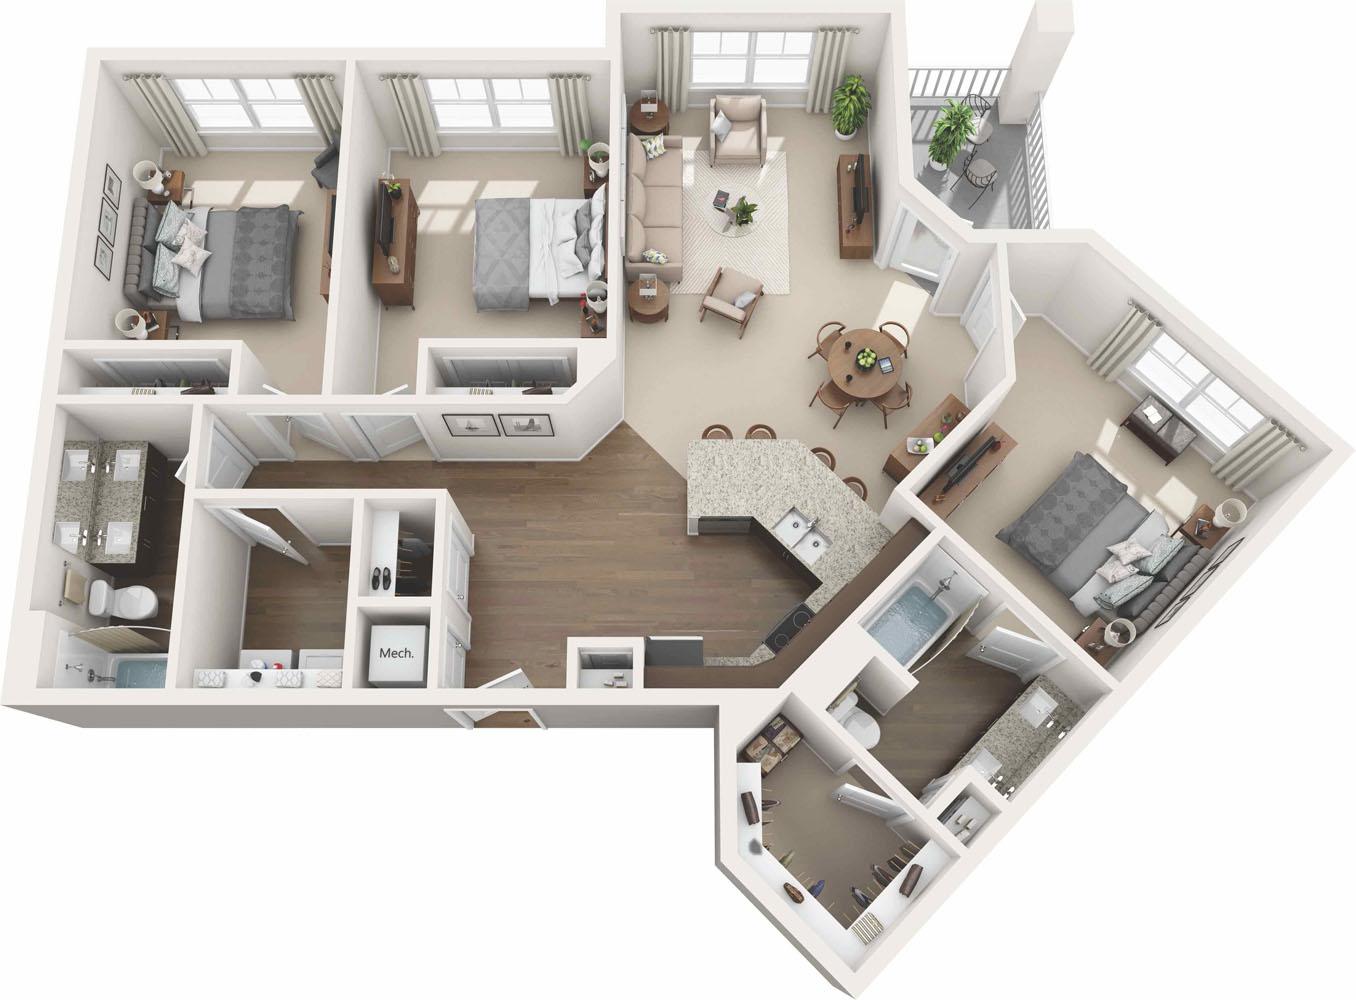 P0656939 c1 2 floorplan 847bc8